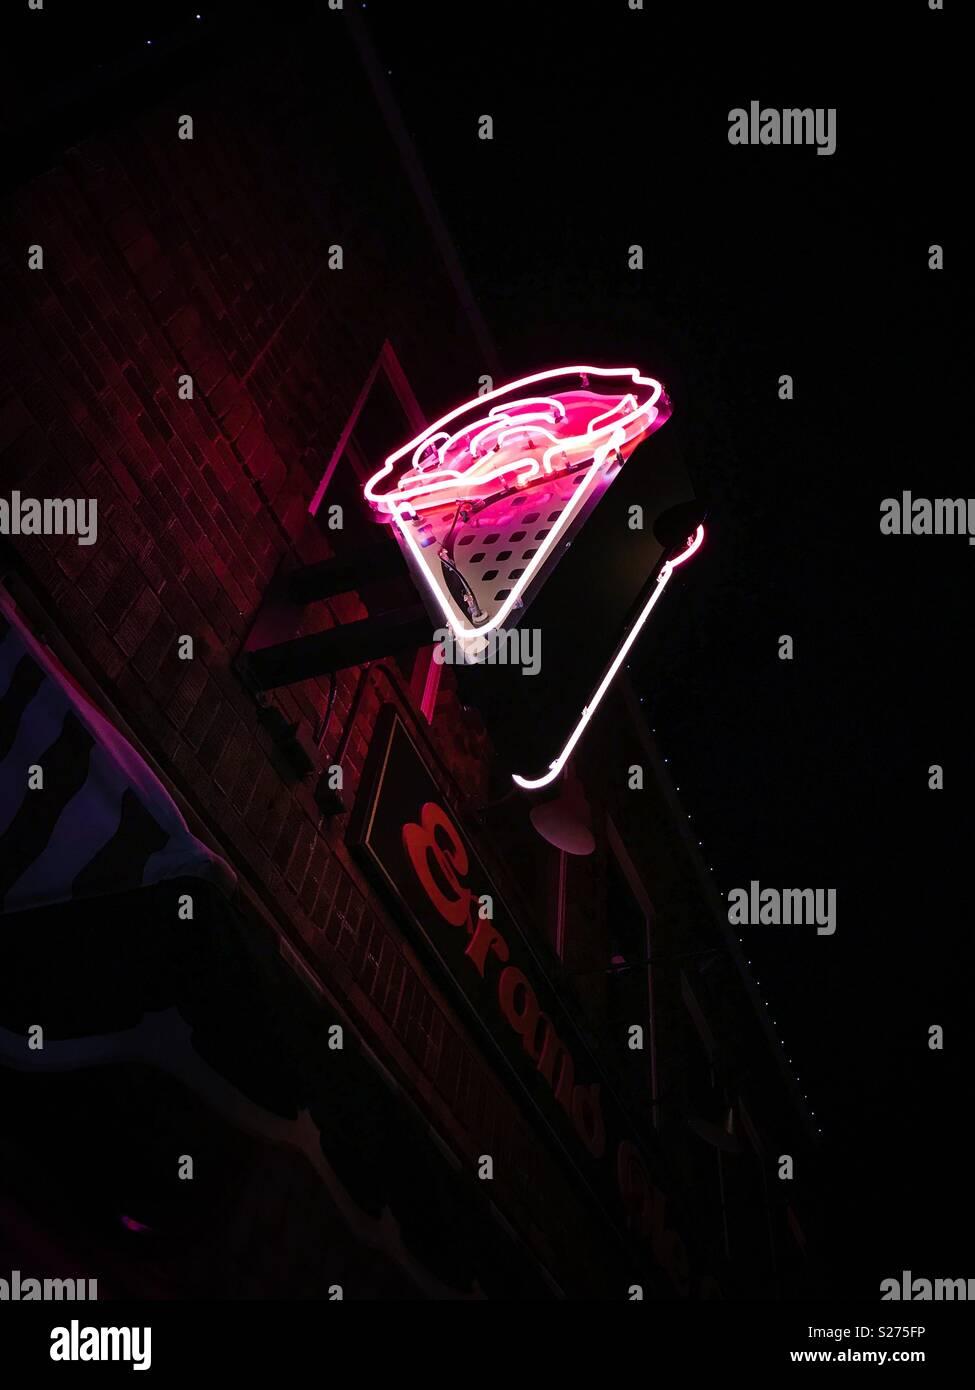 Neon ice cream - Stock Image